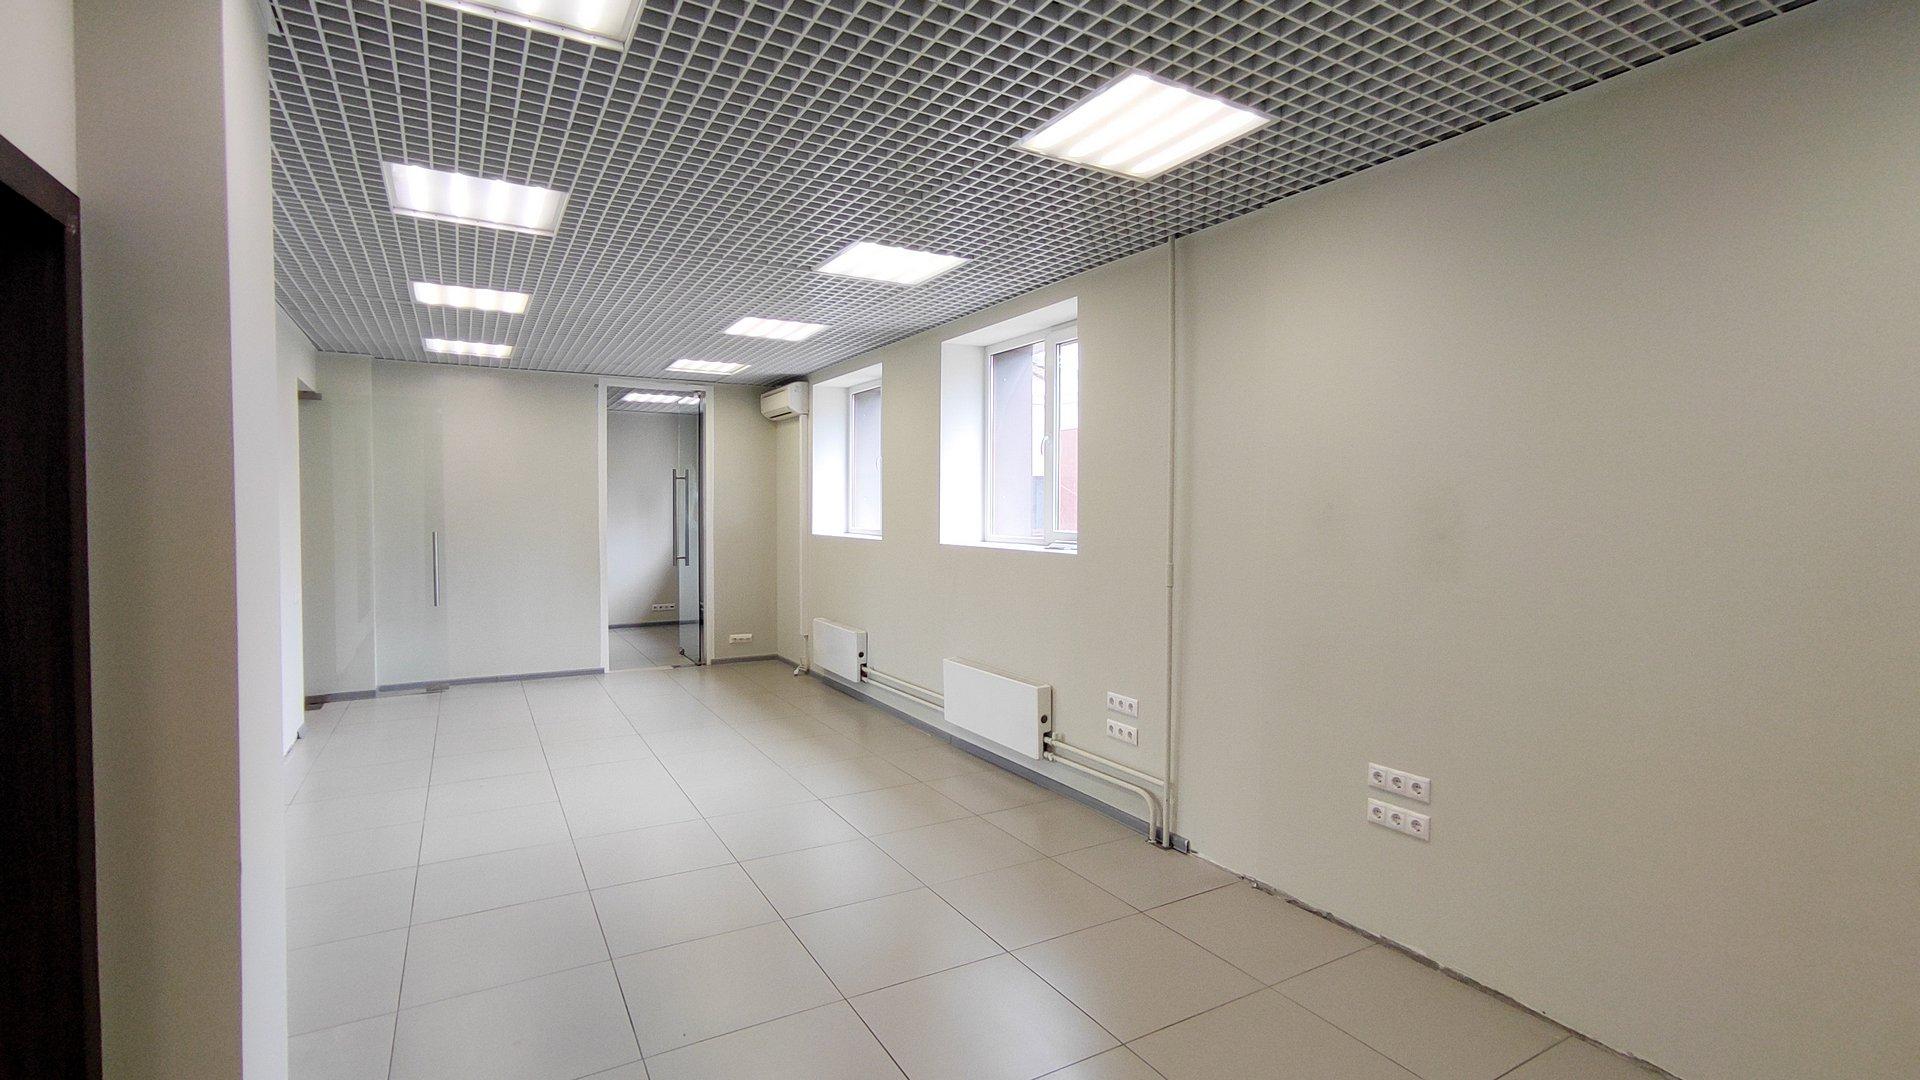 Помещение 139 кв.м. на 3-м этаже